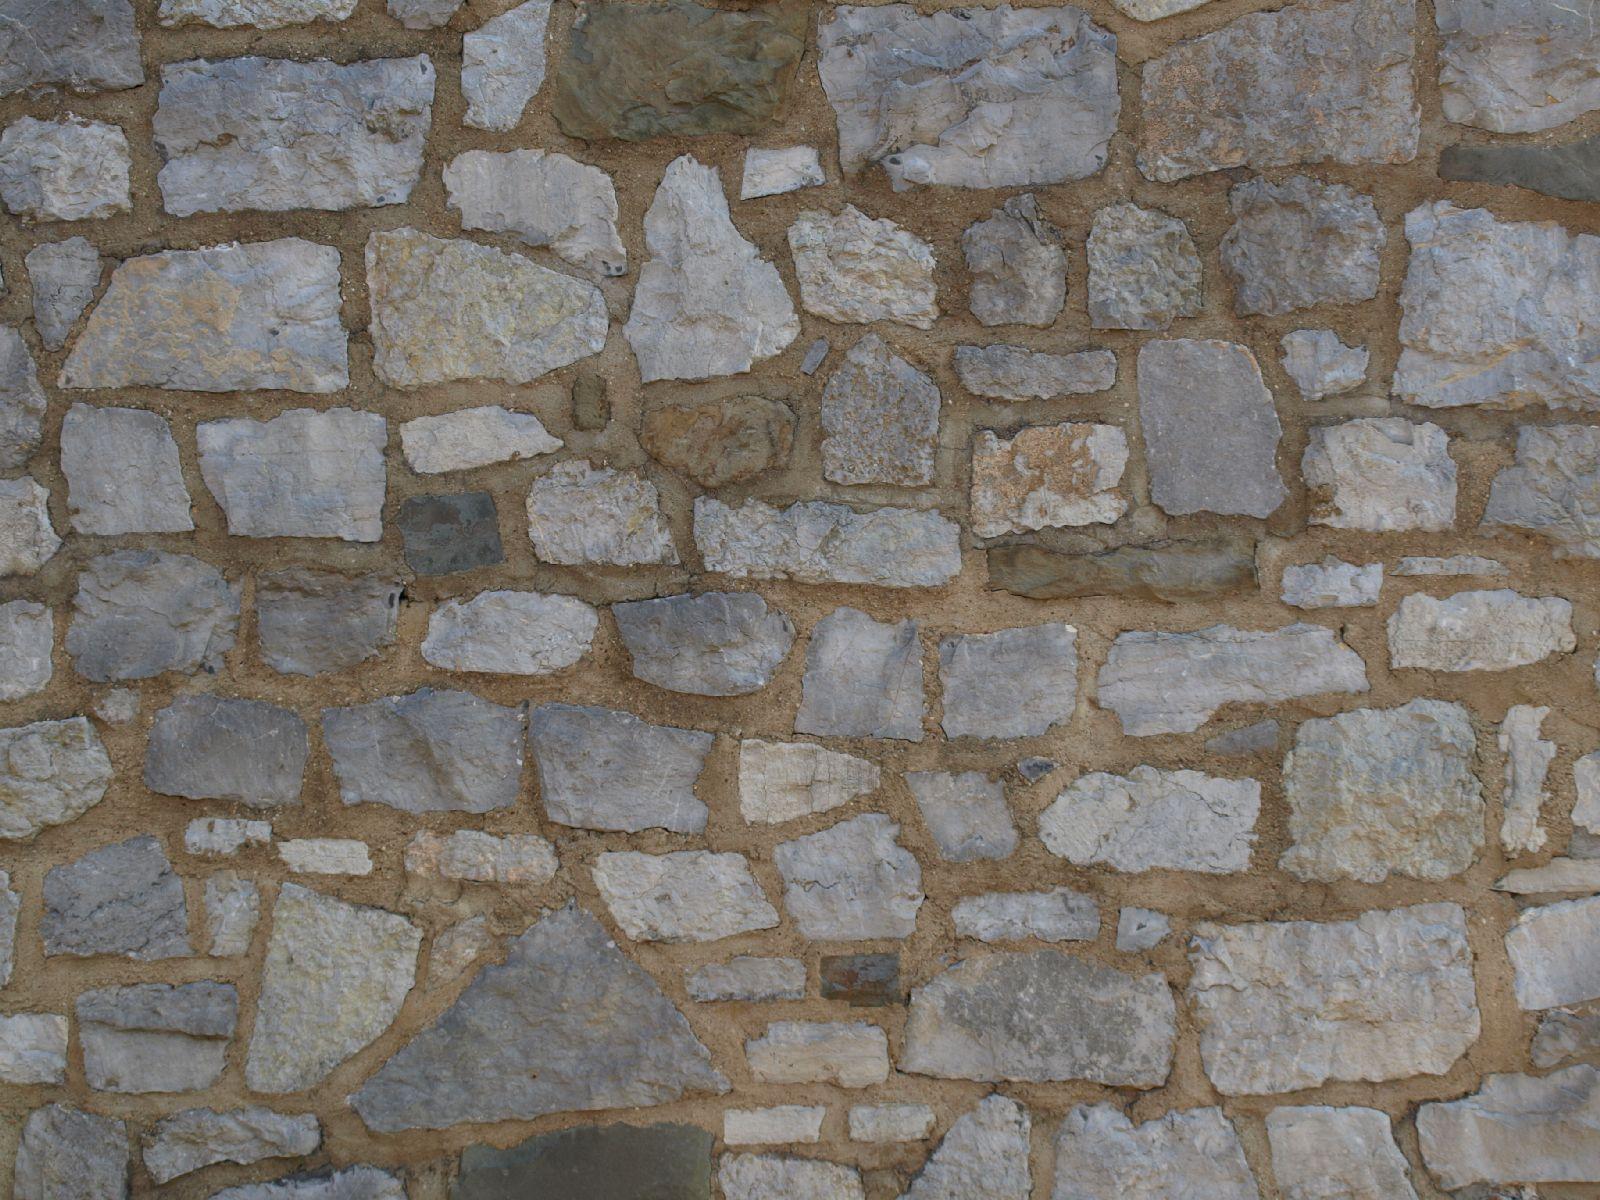 Wand-Bruchstein_Textur_A_P6153455